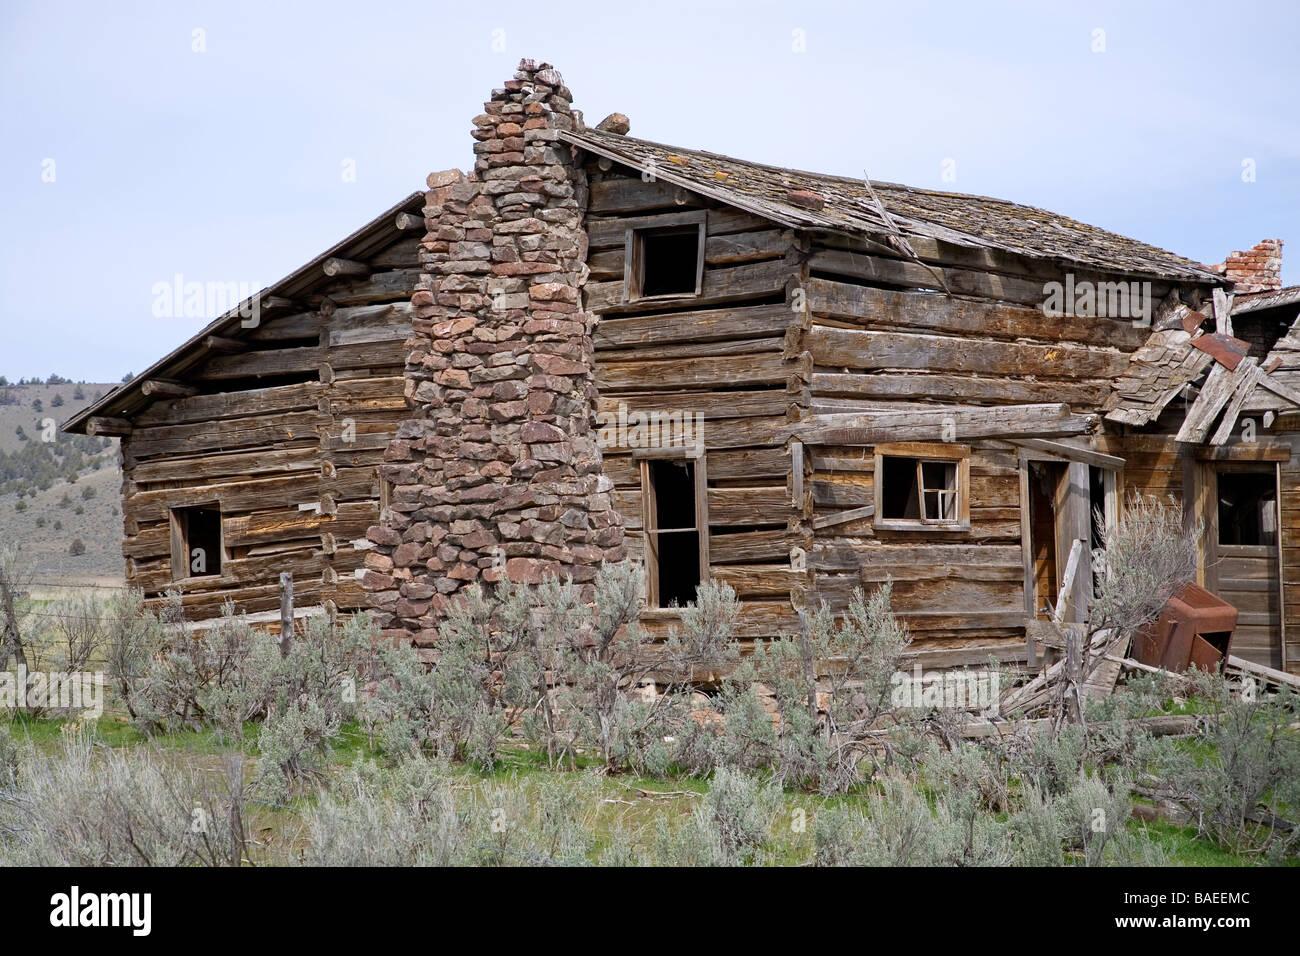 eine 100 jahre alte ranchhaus mit steinkamin und hand gehauen kiefer protokolle paulina oregon - Steinkamin